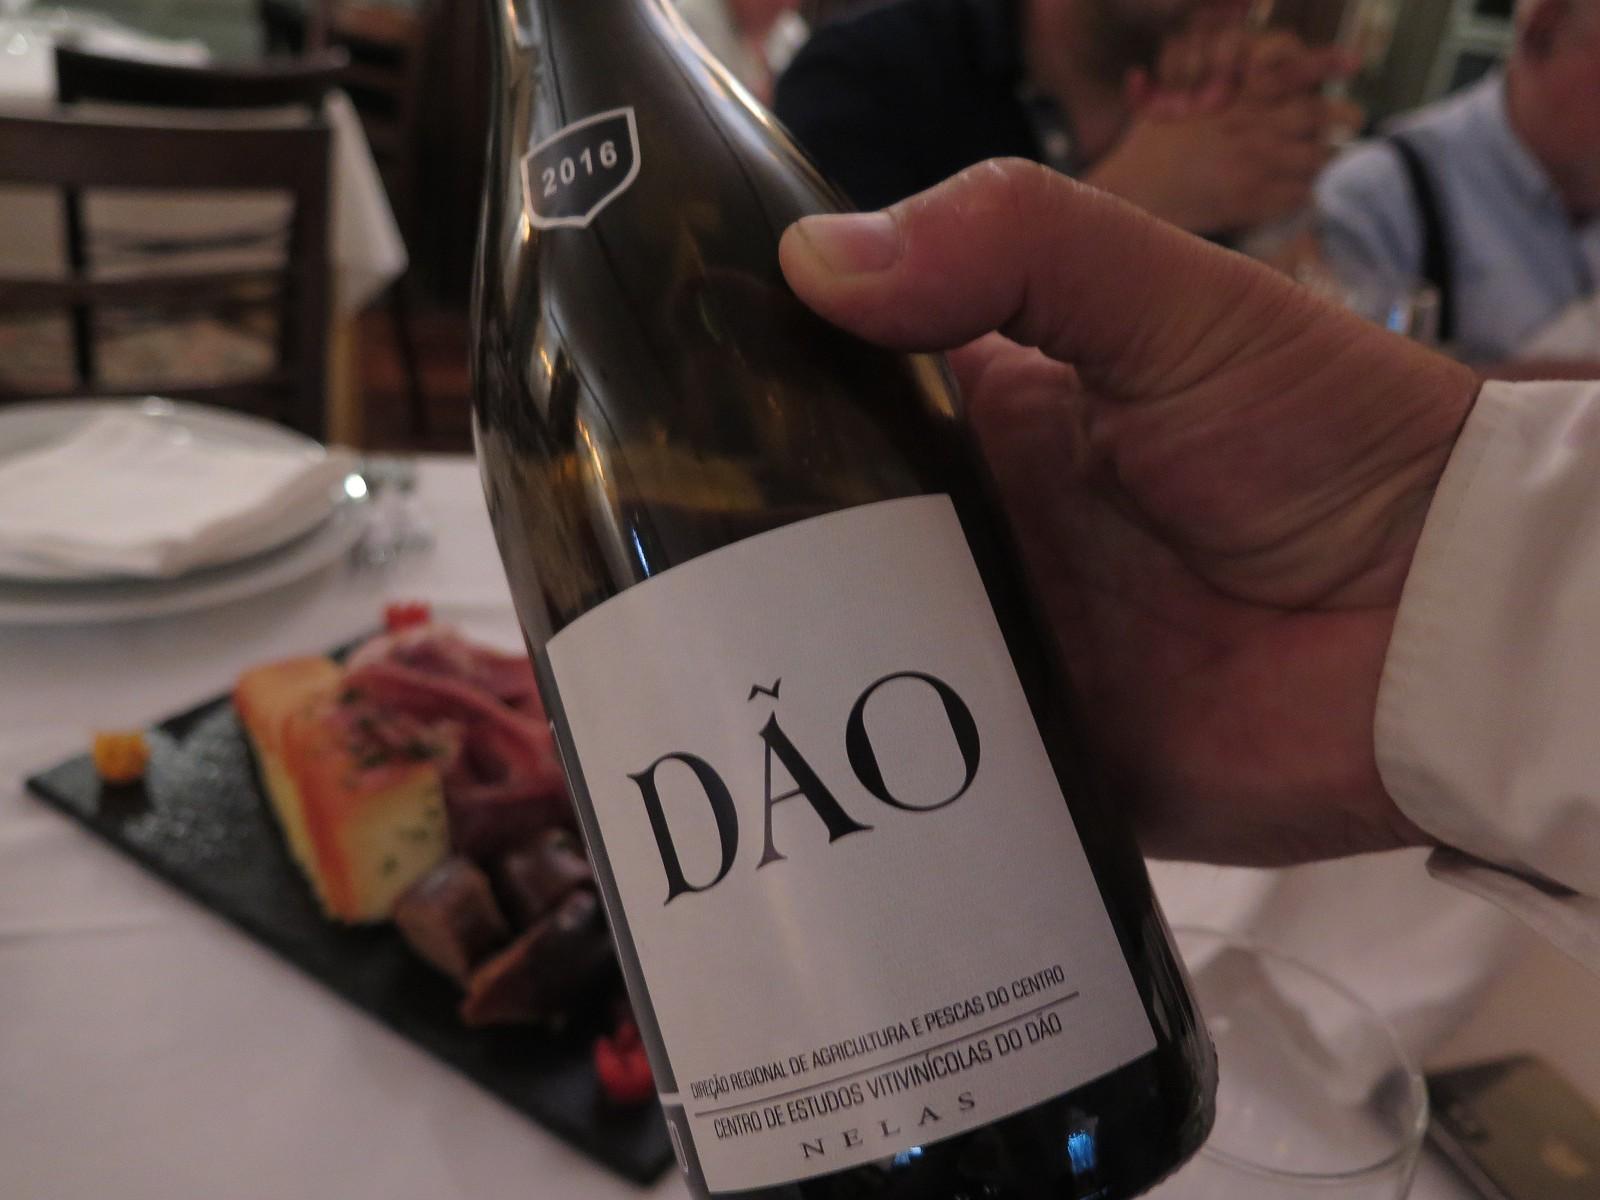 Feira do Vinho do Dão